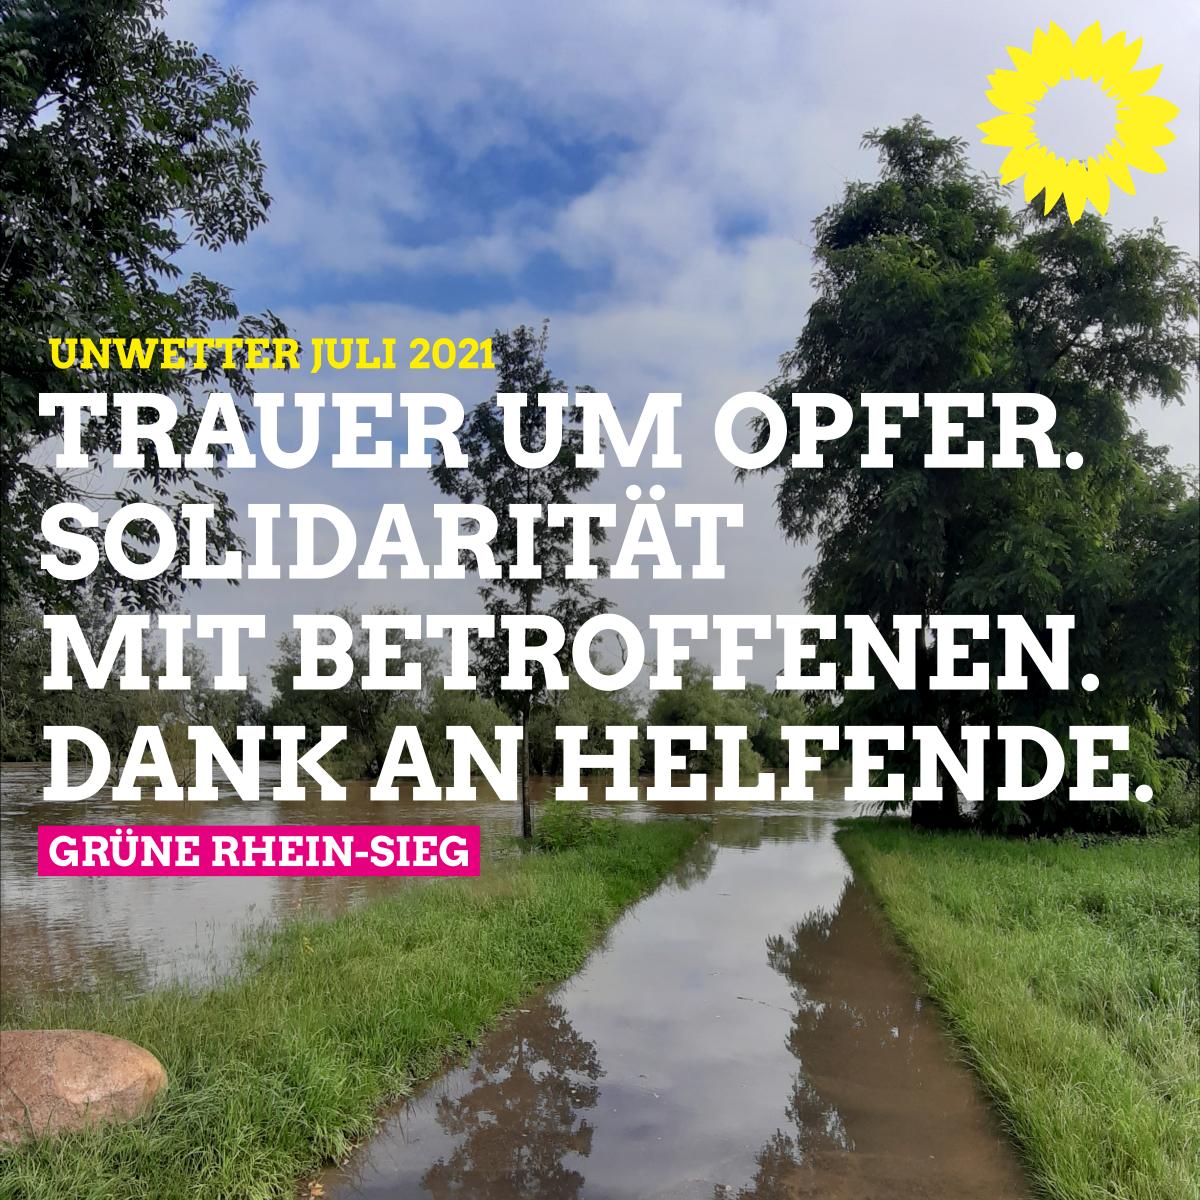 GRÜNE Rhein-Sieg zu Unwetter Juli 2021